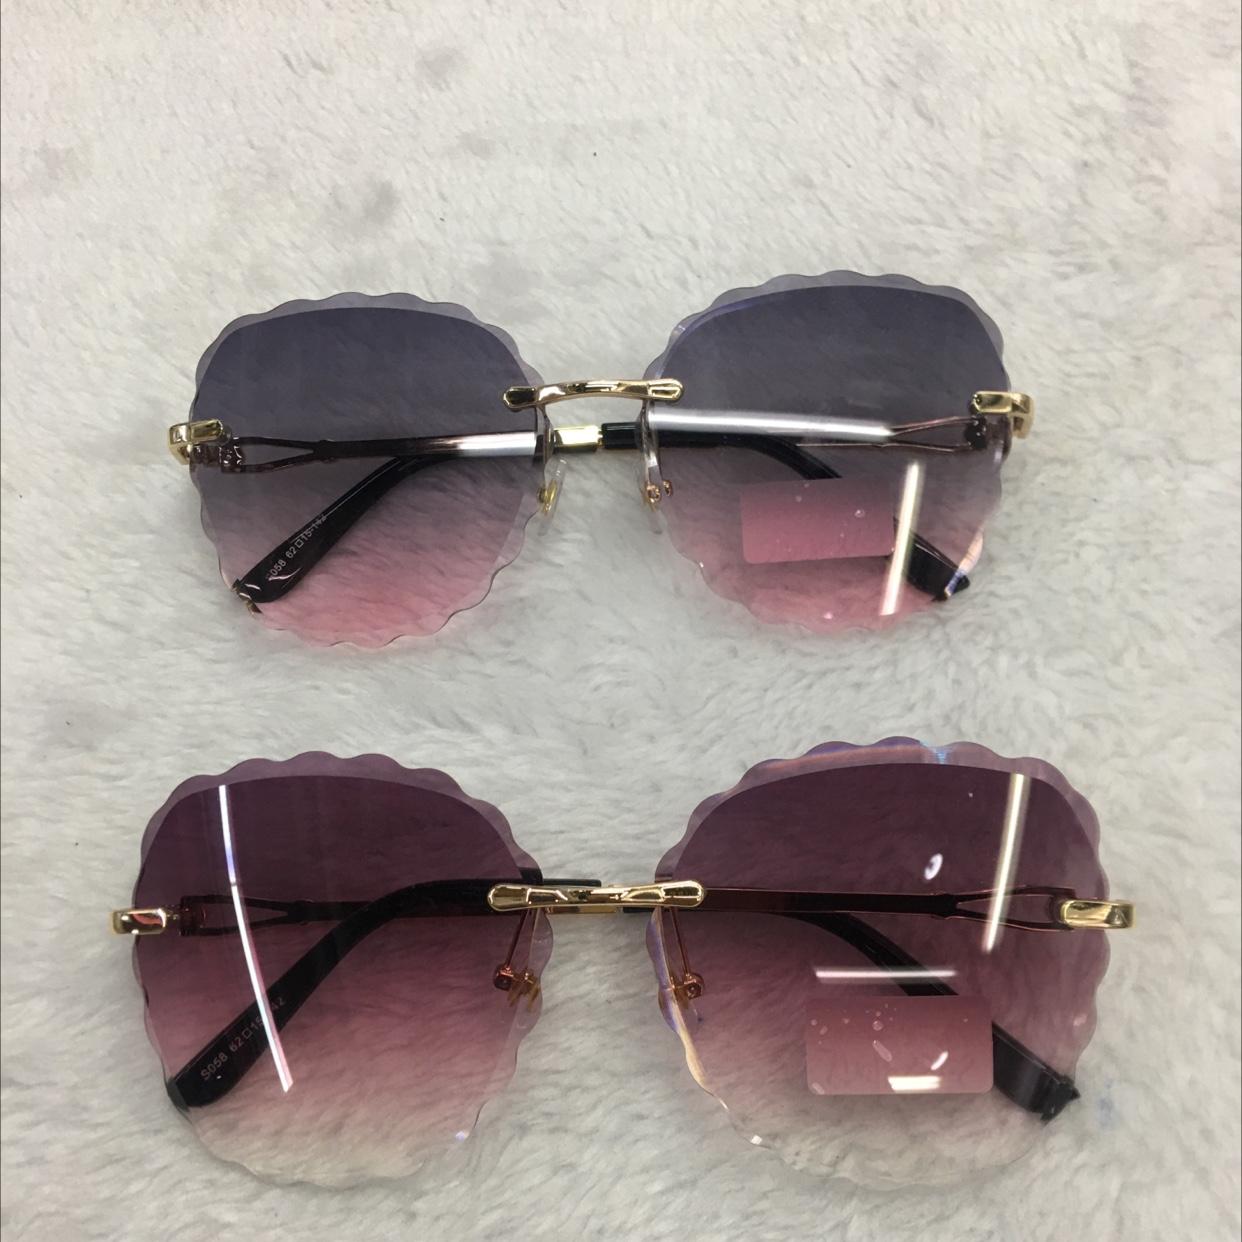 椭圆型无框花边款女士太阳眼镜